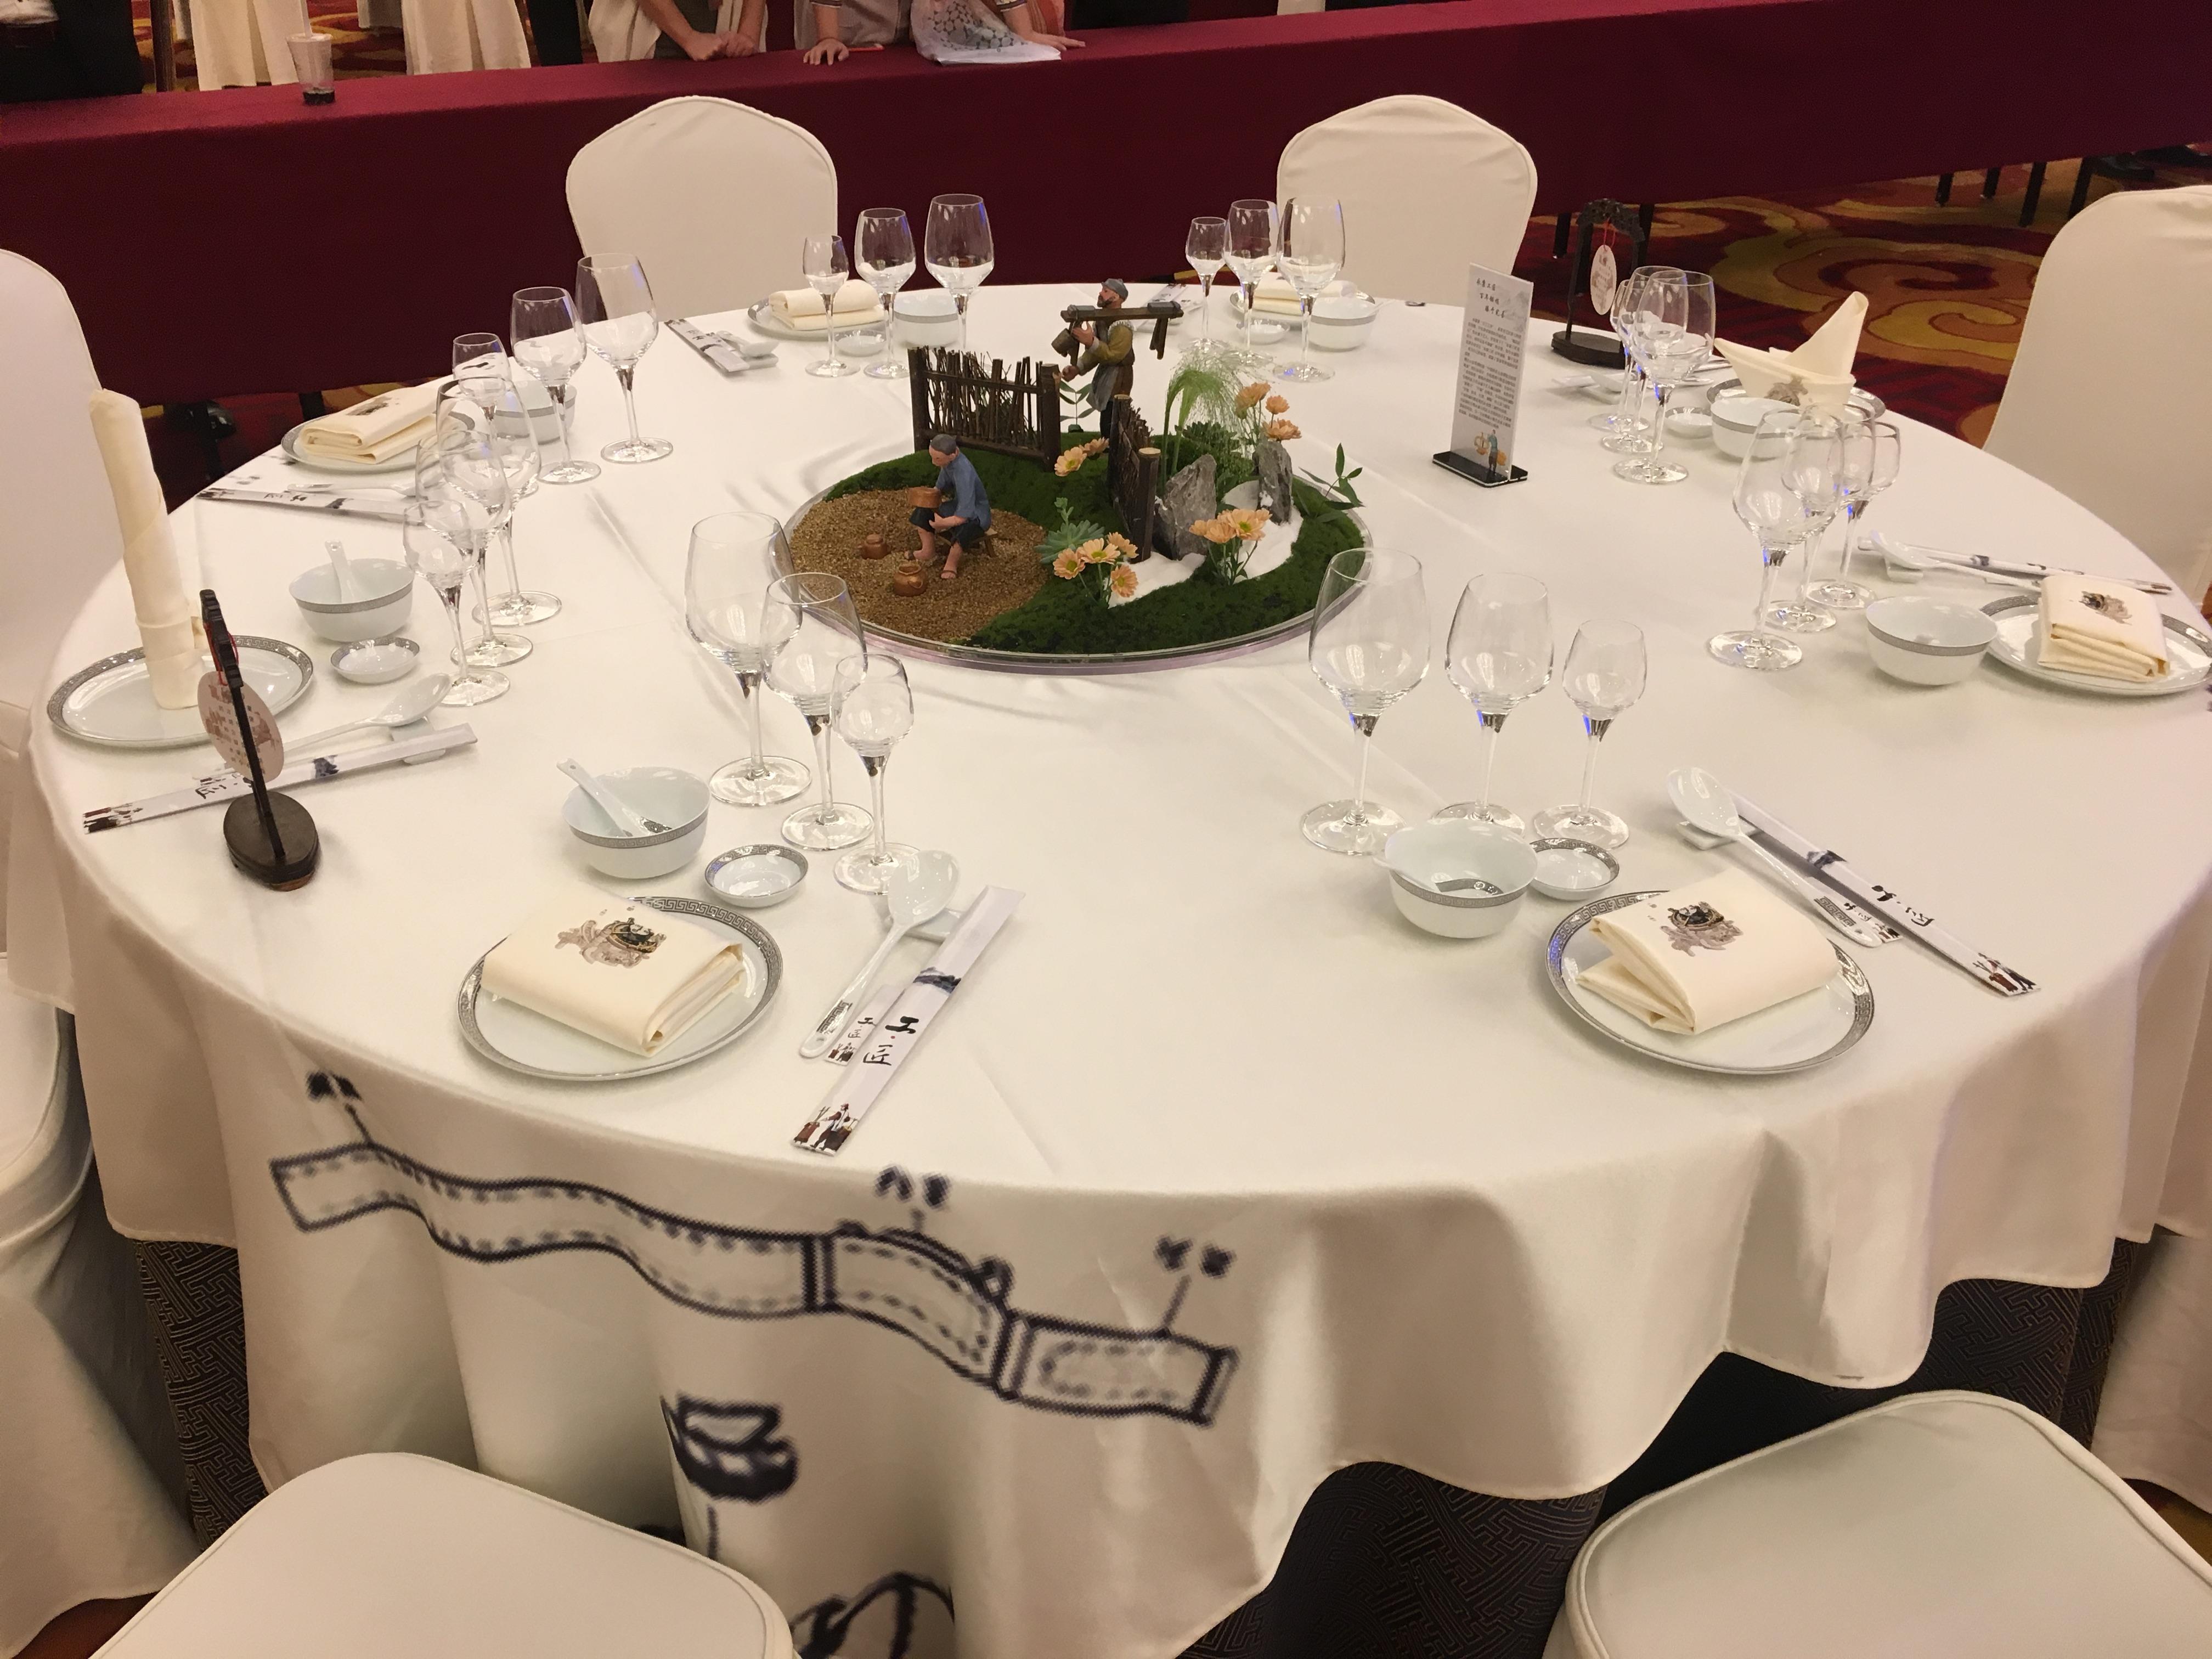 七星岛首页 新闻资讯 宴会主题摆台专栏 金华饭店服务技能大赛中餐图片